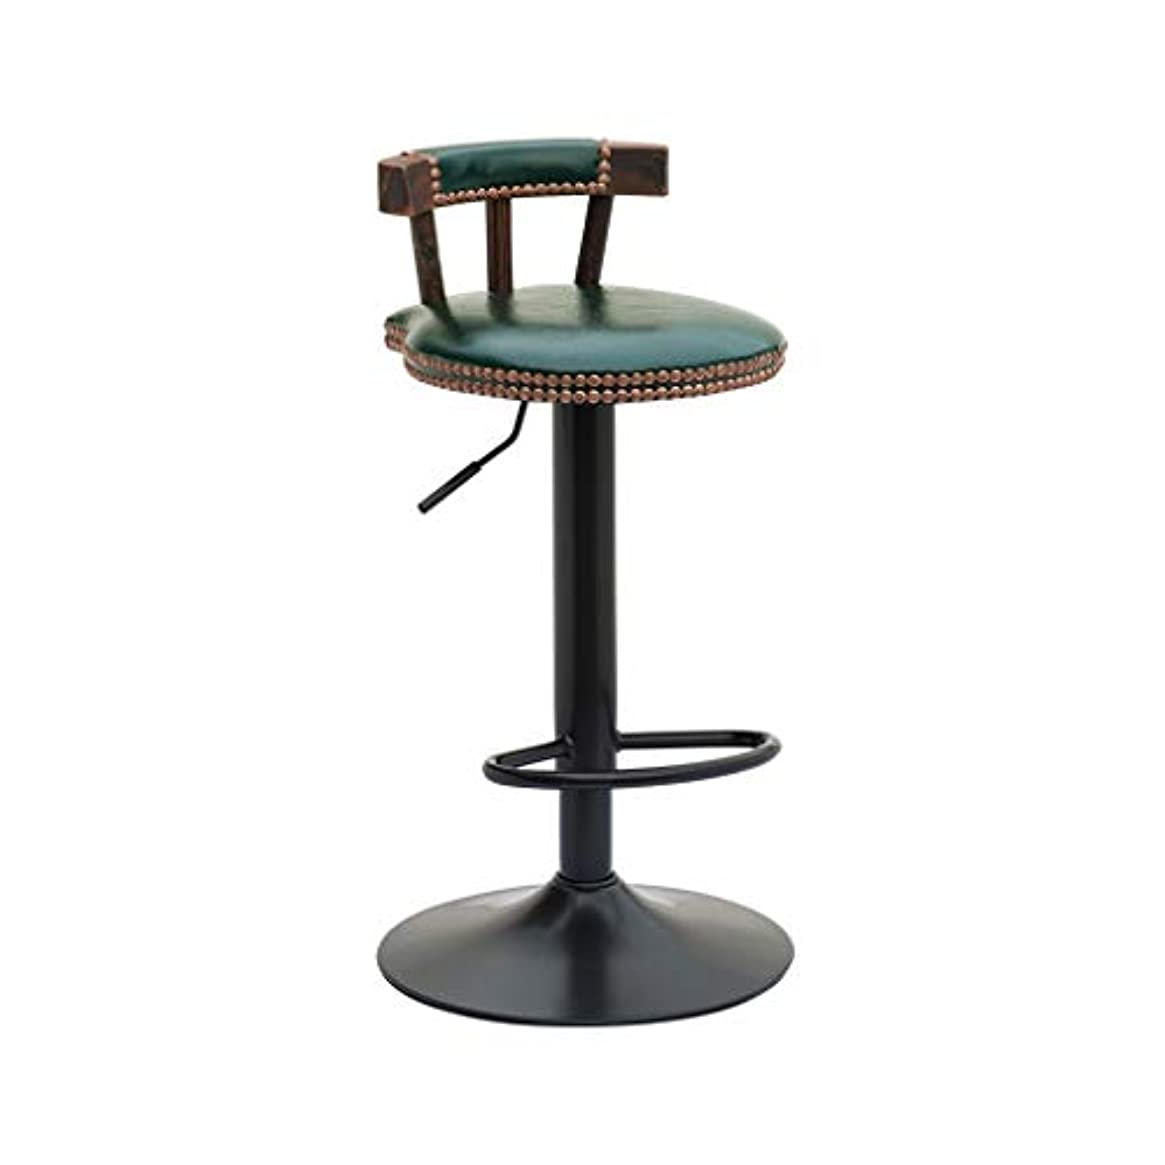 罪人寄稿者覆すJYX バースツール、ソリッドウッド製シートバックレストハイスツールリフト回転家庭用朝食ダイニングチェアレジャーカウンターチェア受付椅子